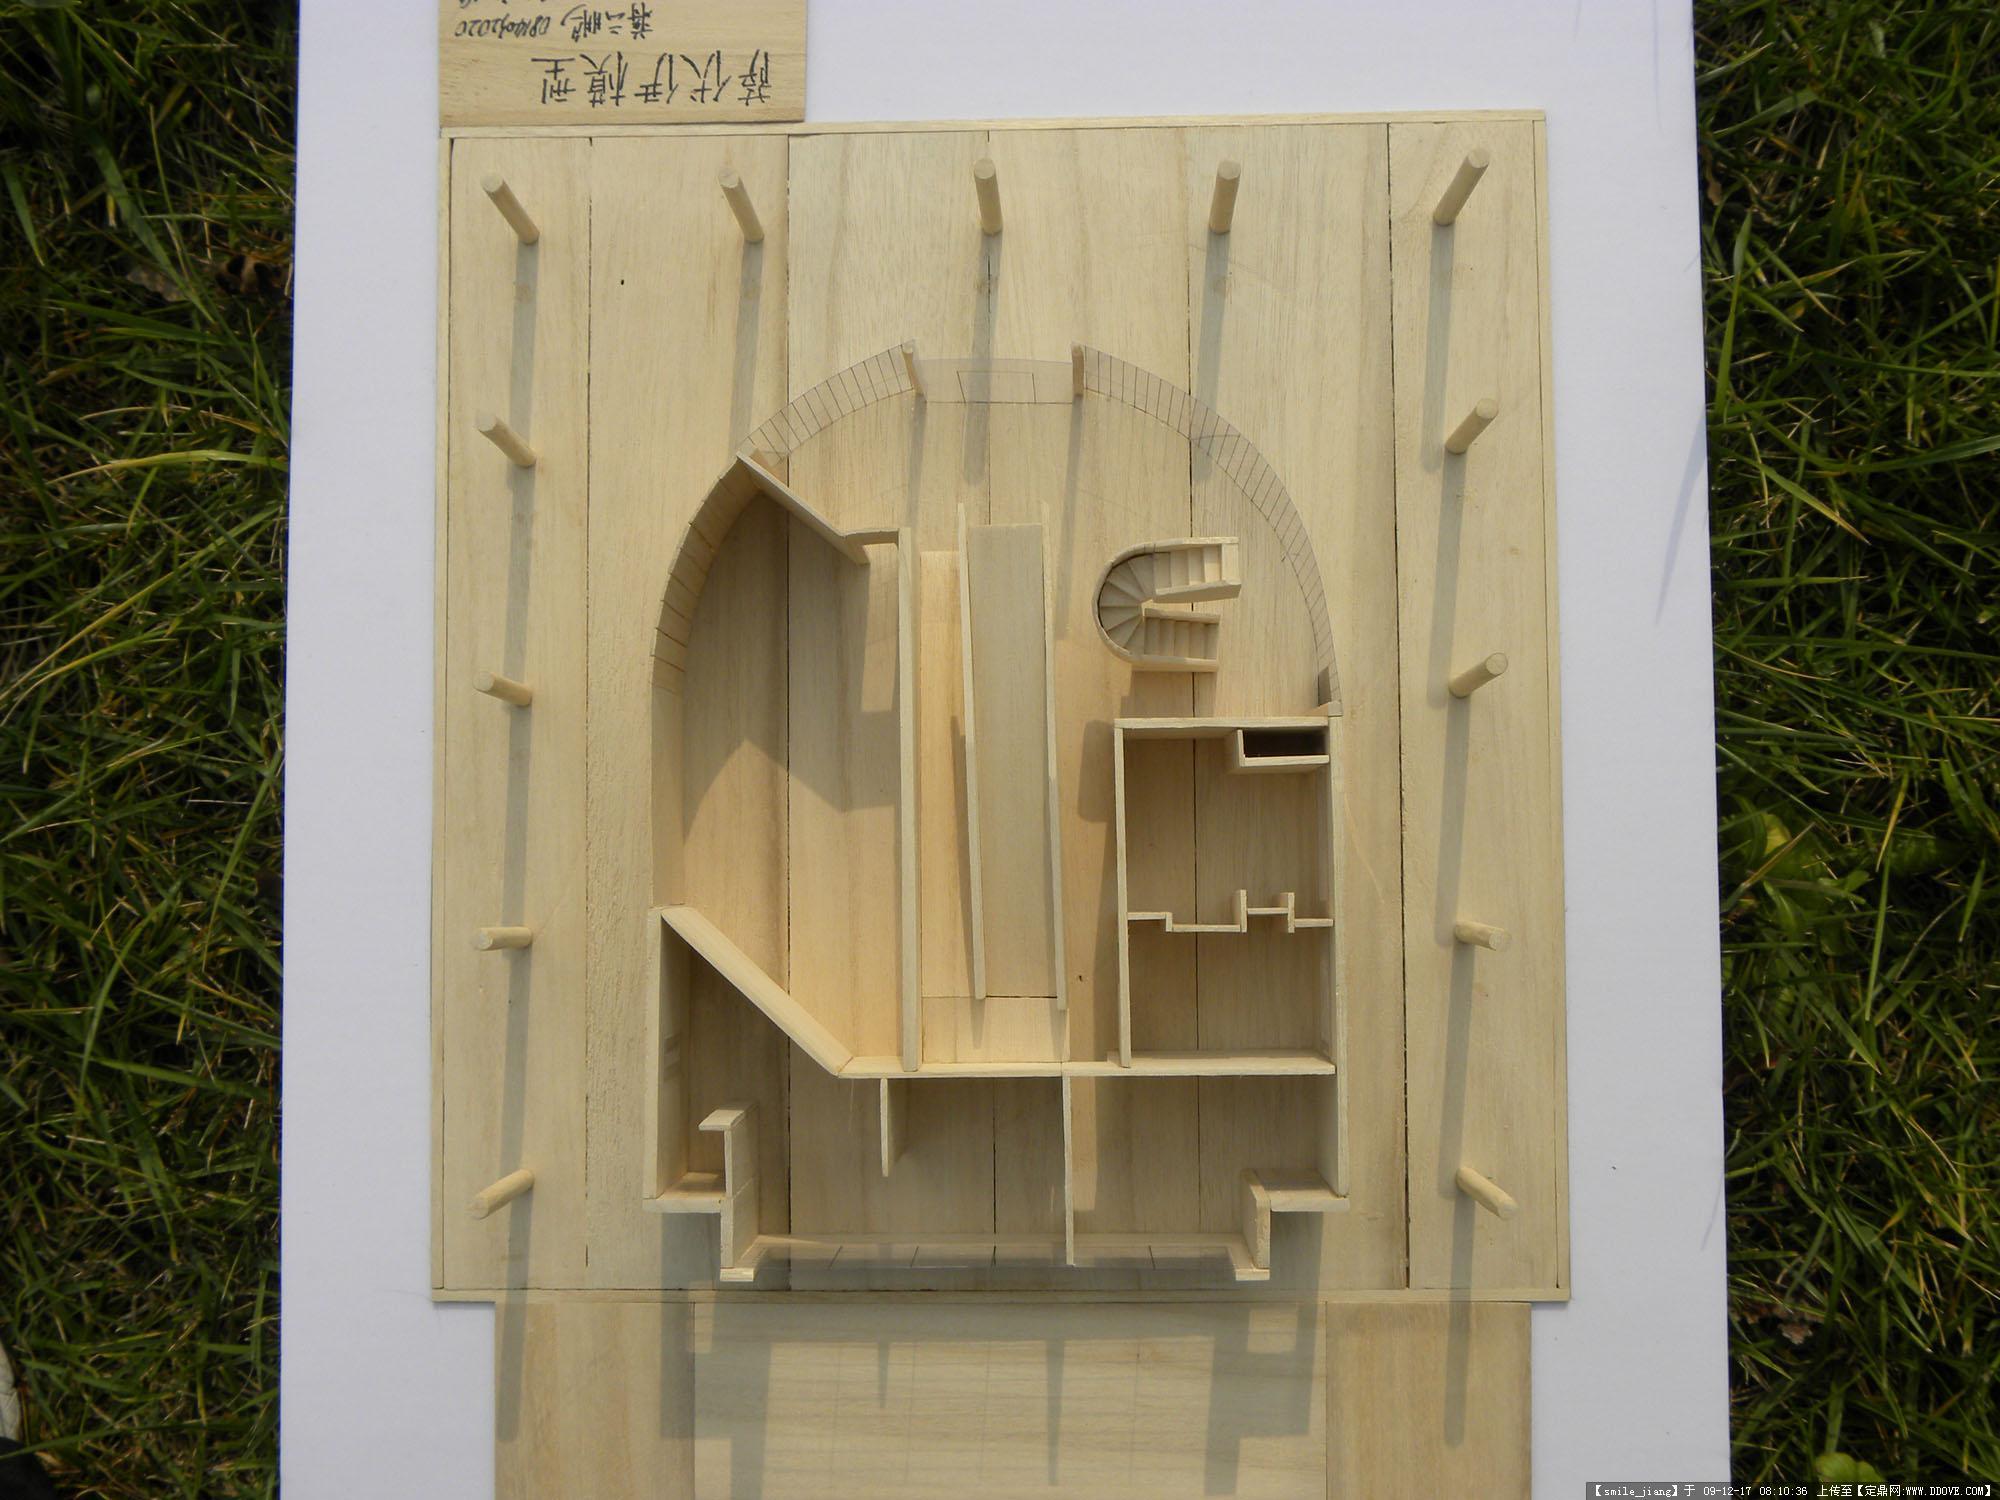 萨伏伊模型别墅的木质v模型图片集装箱天津图片